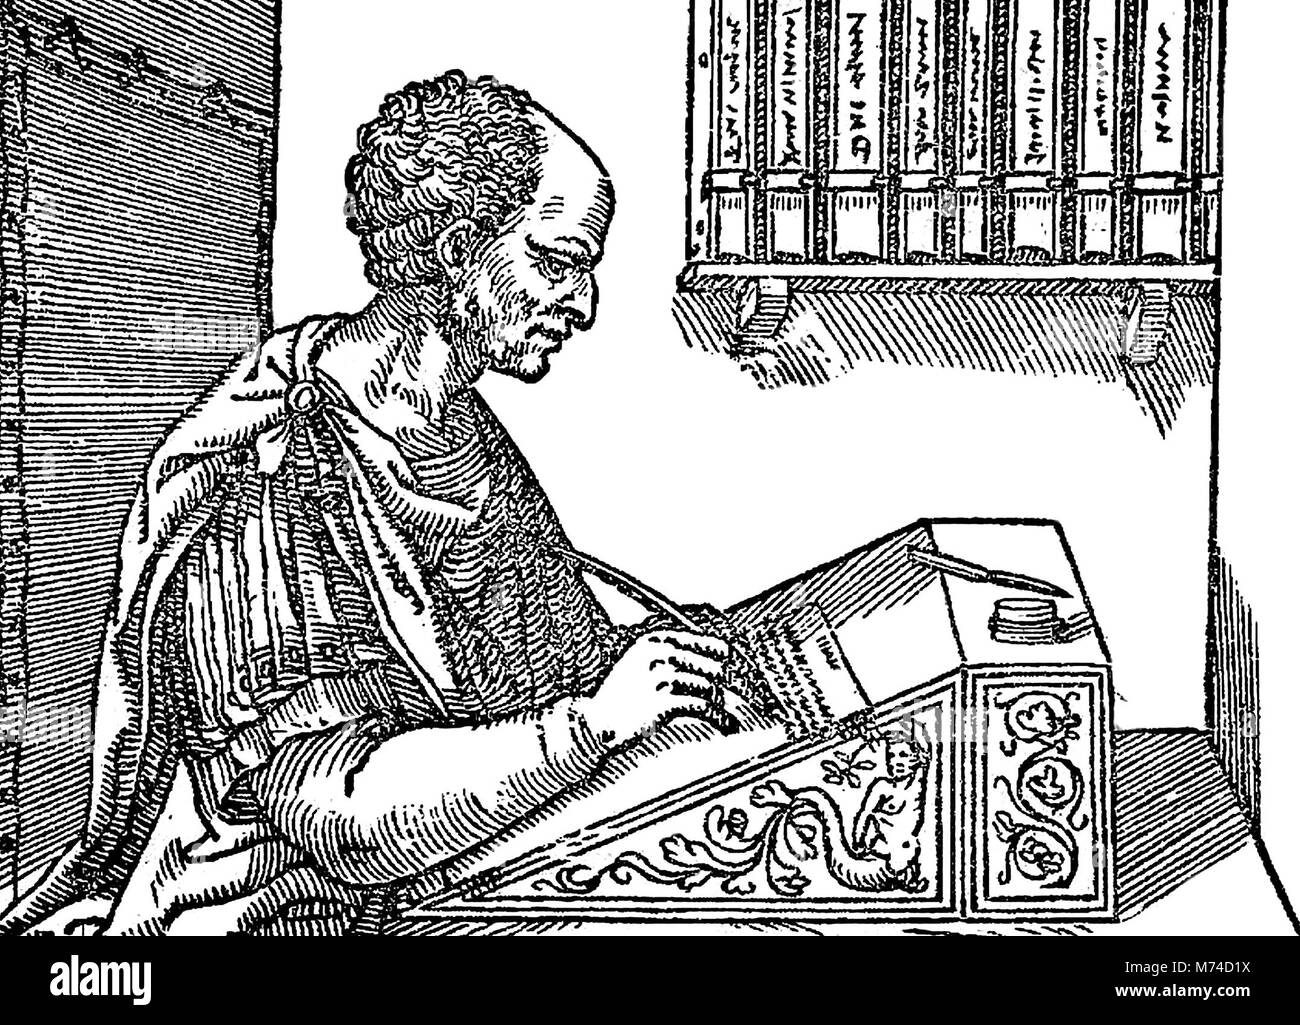 Cicero (106 BC - 43BC) di scrivere le sue lettere, una xilografia di Marco Tullio Cicerone risalente al 1547. Immagini Stock